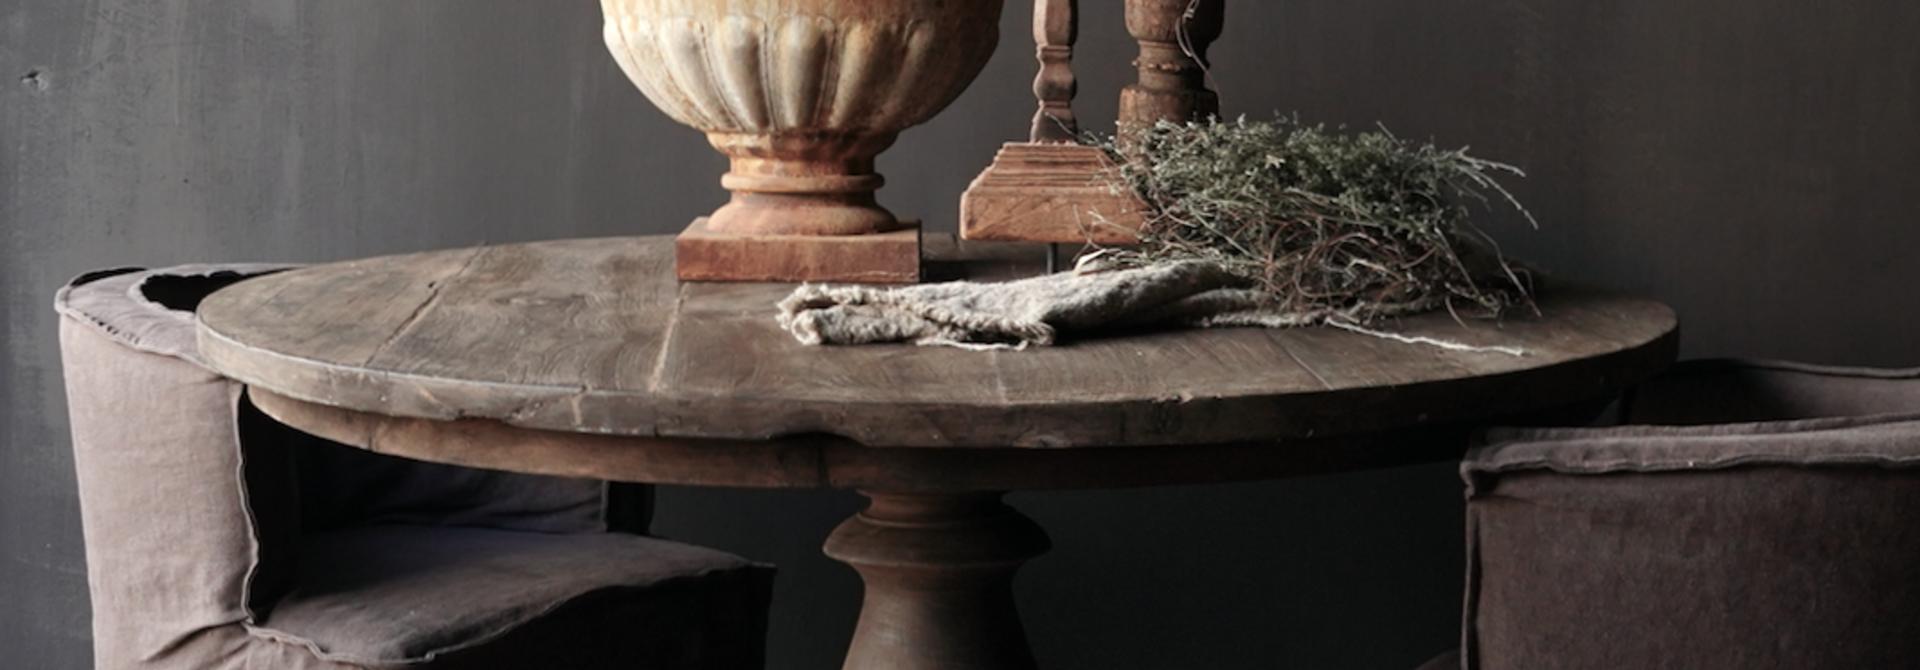 Stoer Robuust ronde tafel gemaakt van oud gebruikt hout